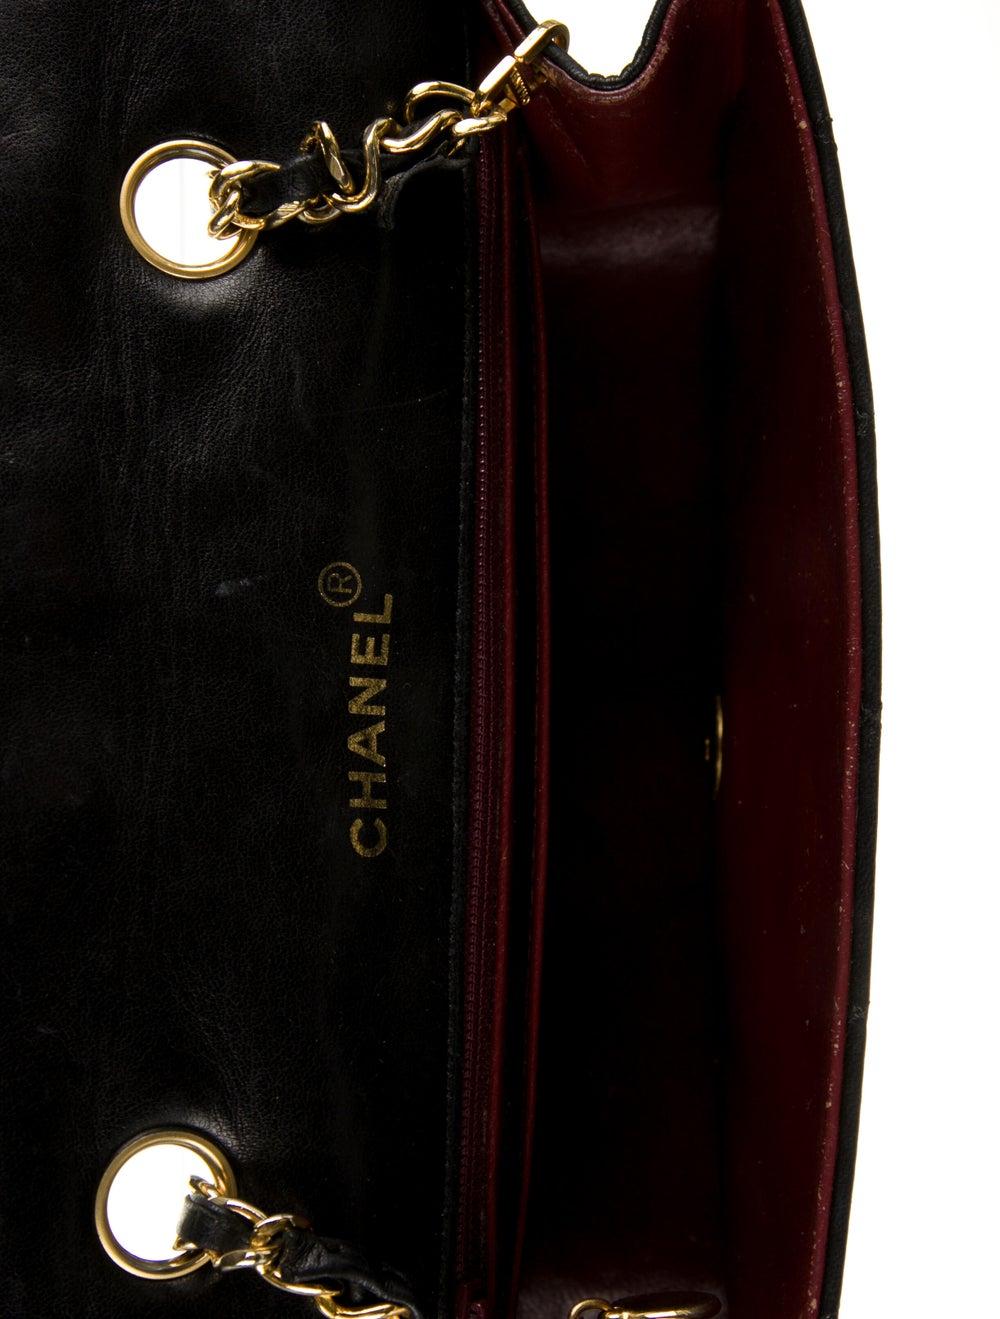 Chanel Vintage Diana Flap Bag Black - image 5